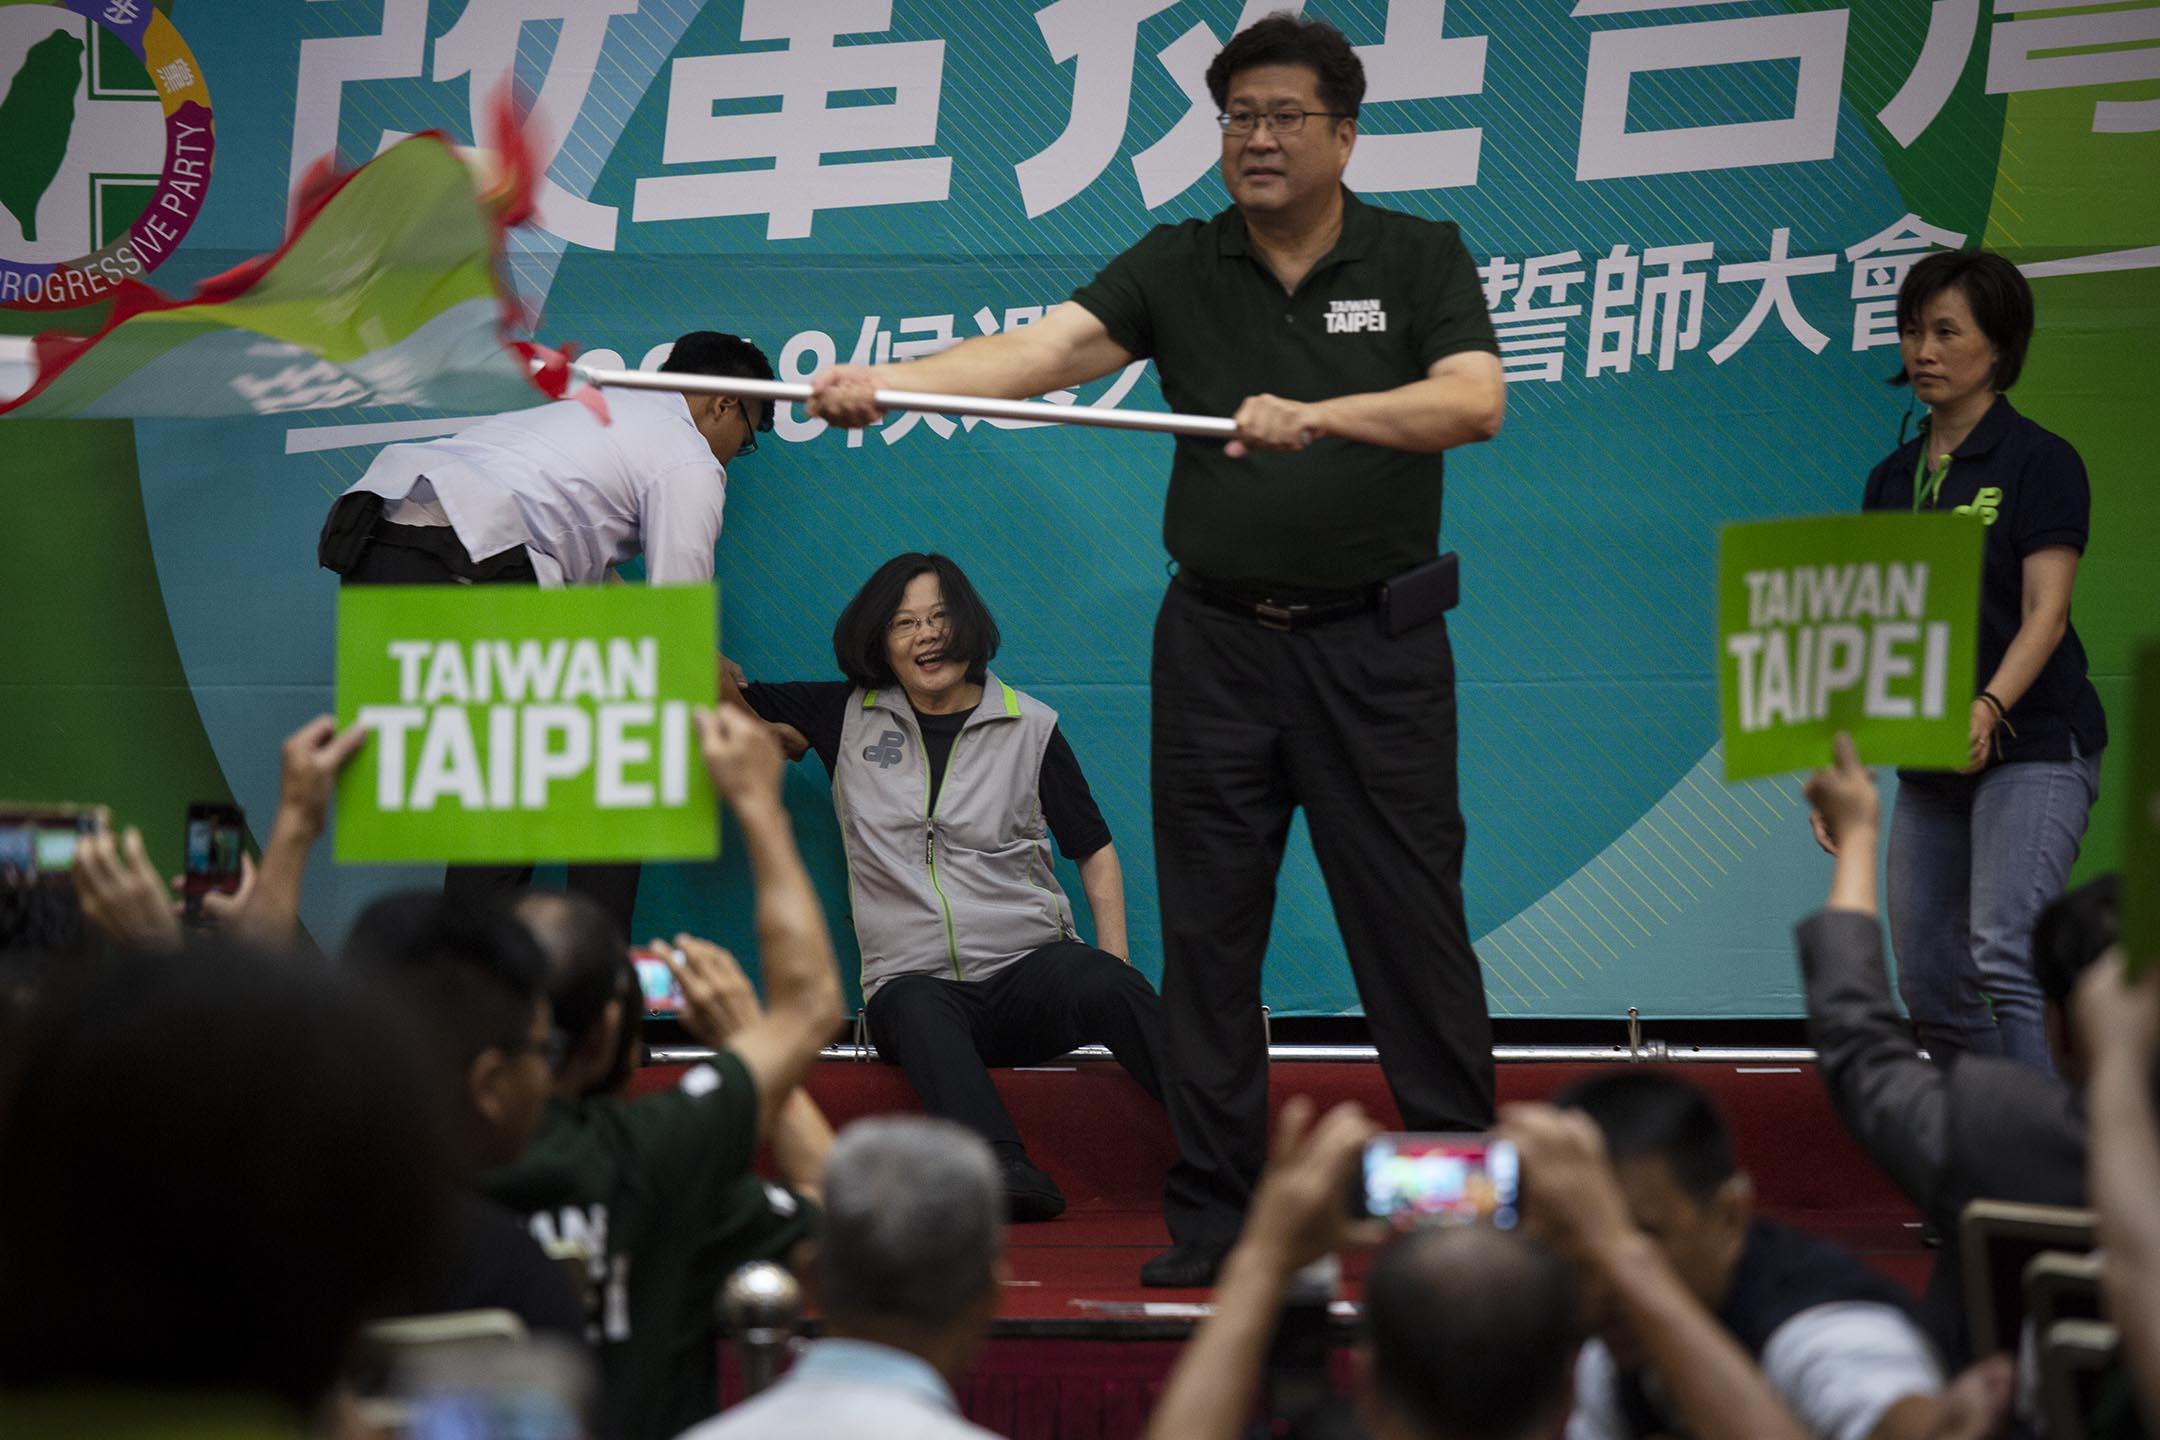 2018年8月3日,台灣總統蔡英文在民進黨2018候選人授旗誓師大會中,不慎跌倒。 攝:陳焯煇/端傳媒